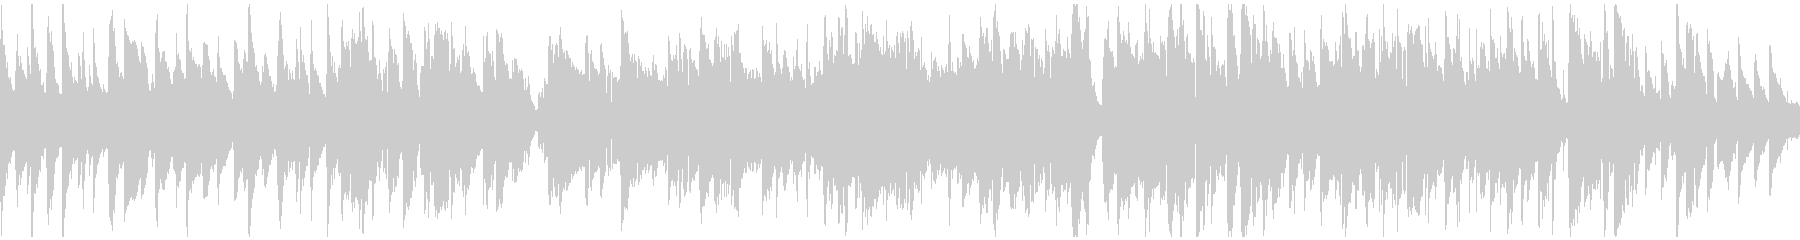 素敵でスローなジャズワルツ ※ループ版の未再生の波形